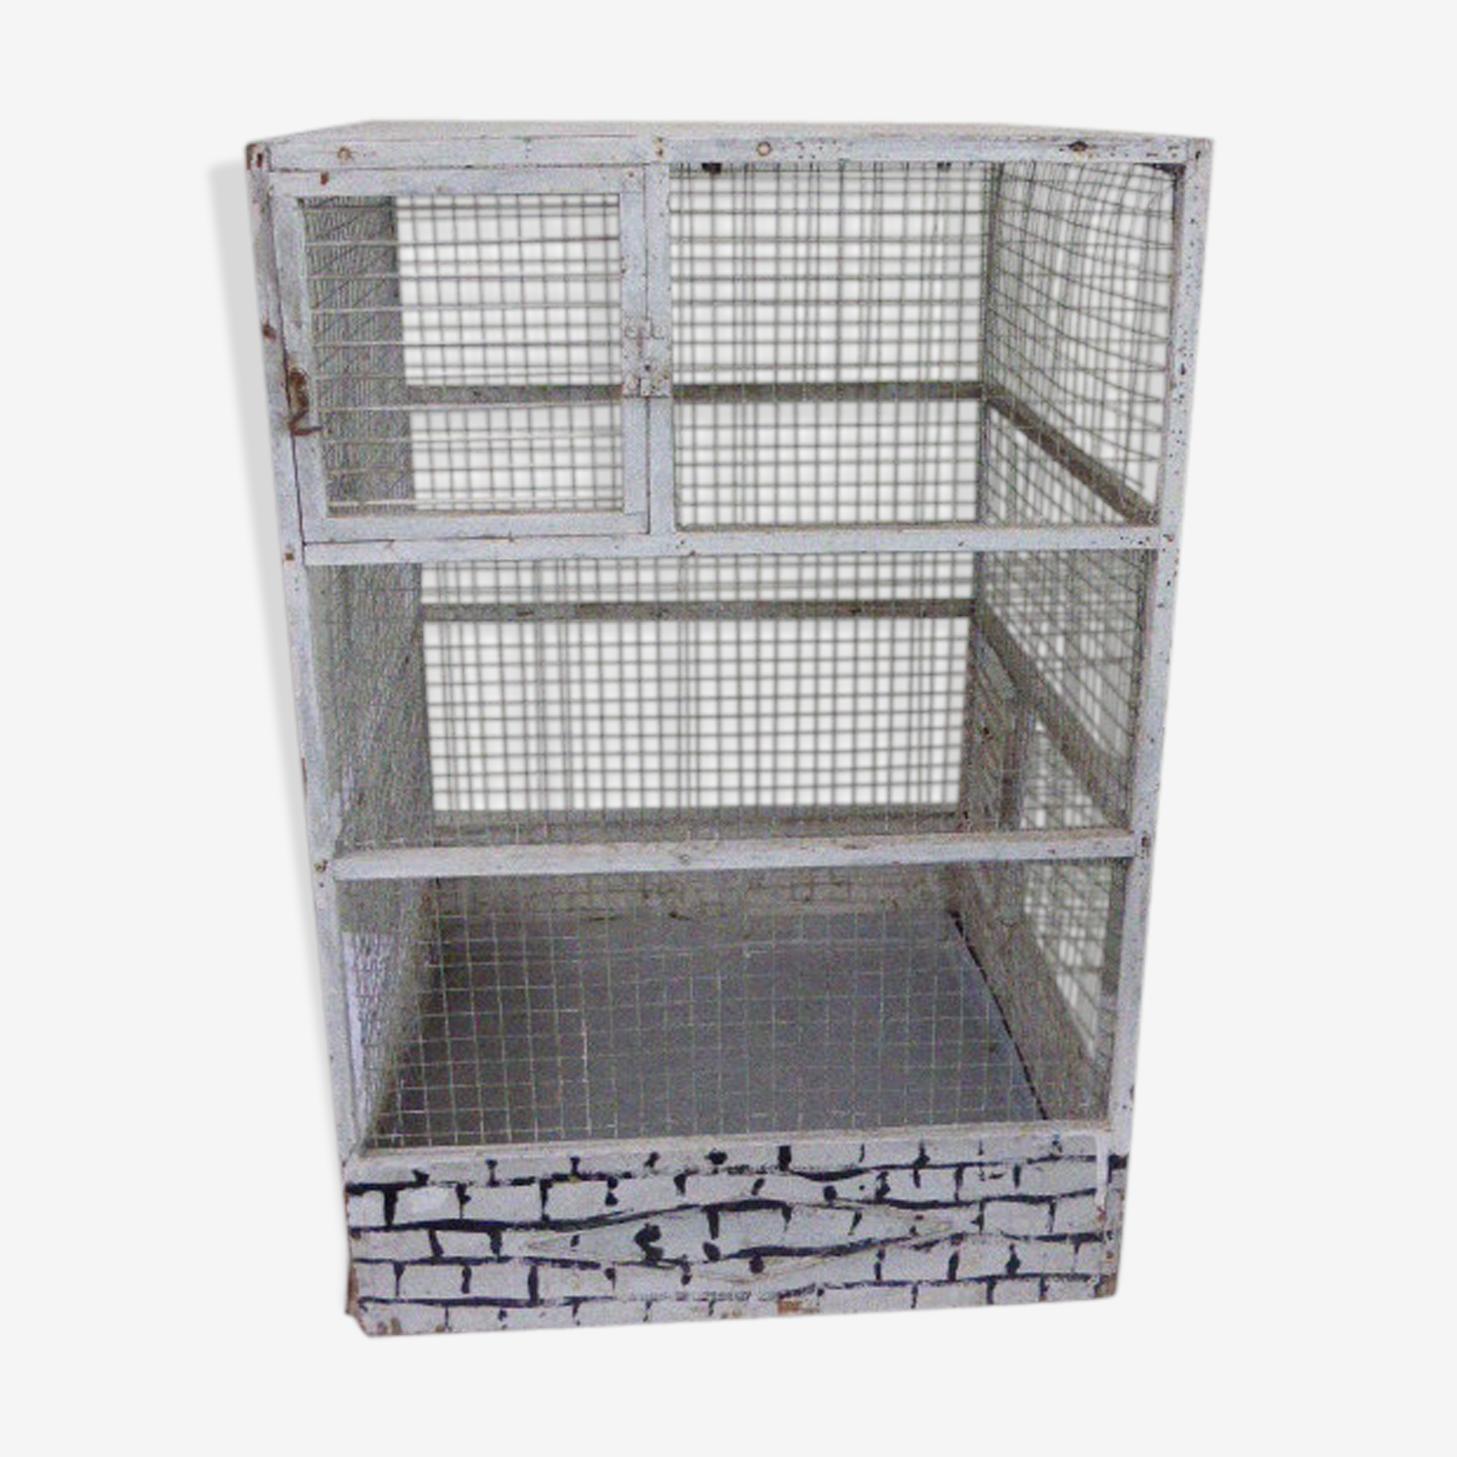 Cage à oiseau vintage, en bois et grillage en métal maille carrée